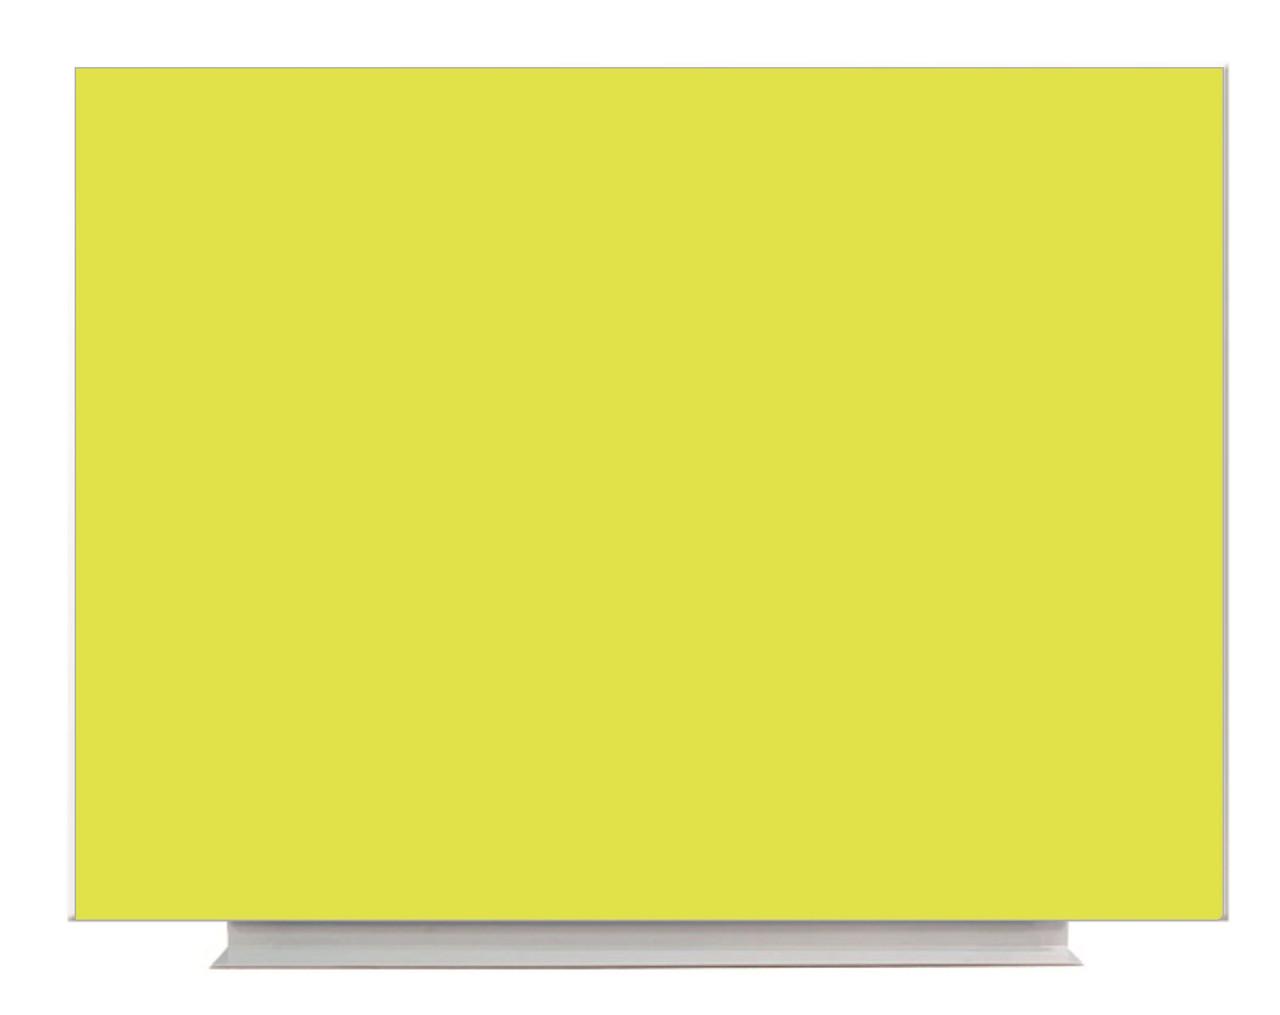 Цветная безрамная магнитная доска для маркера под заказ. Белая маркерная доска для рисования маркером. Tetris